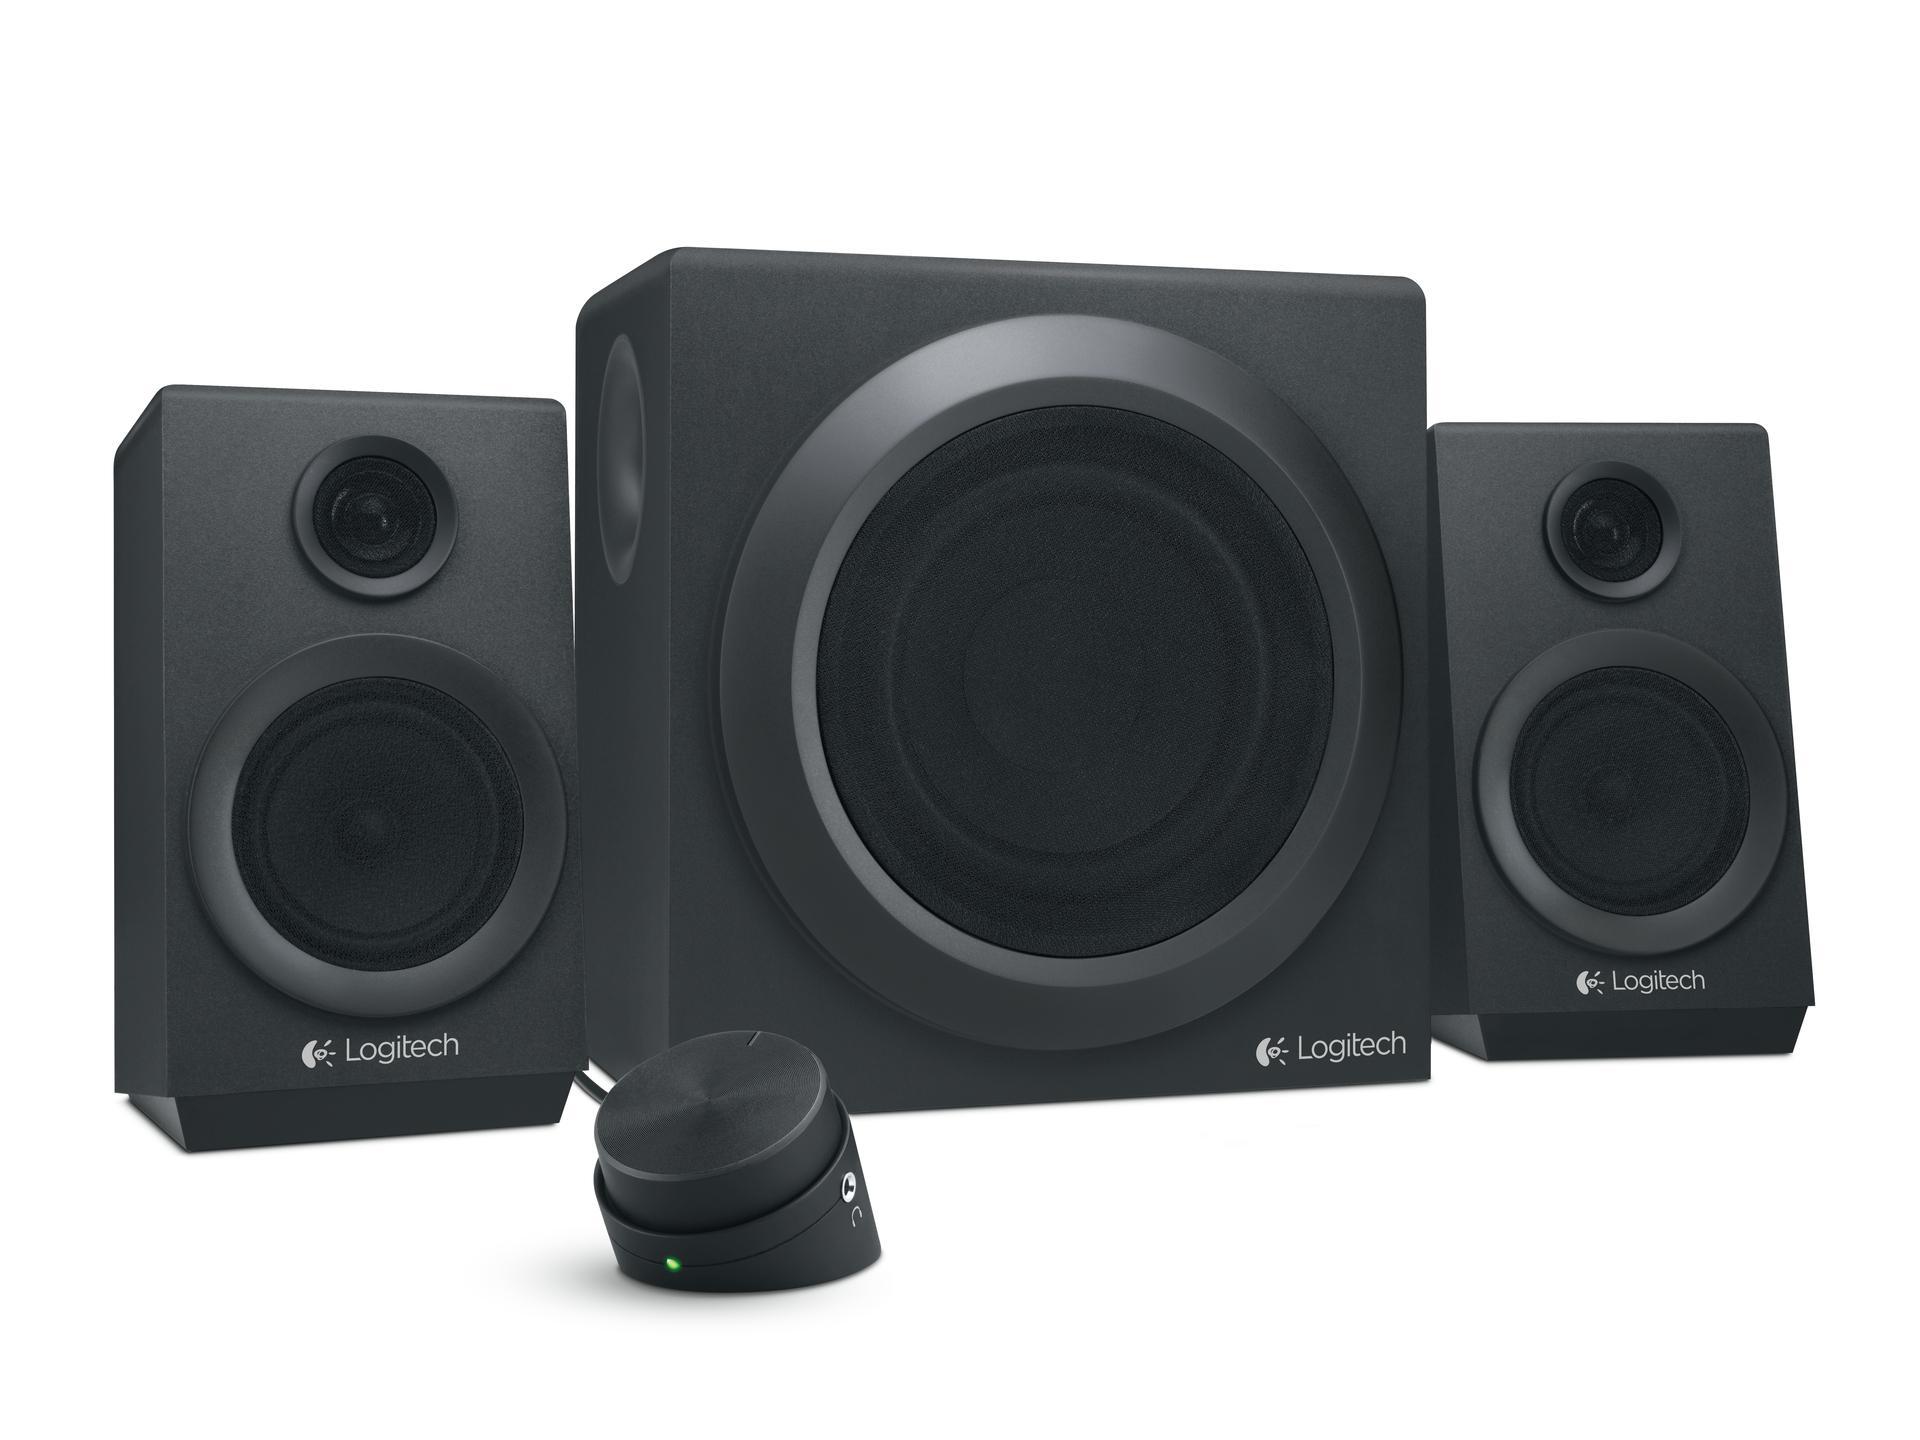 logitech z333 speaker system multimedia speakers with premium subwoofer black. Black Bedroom Furniture Sets. Home Design Ideas